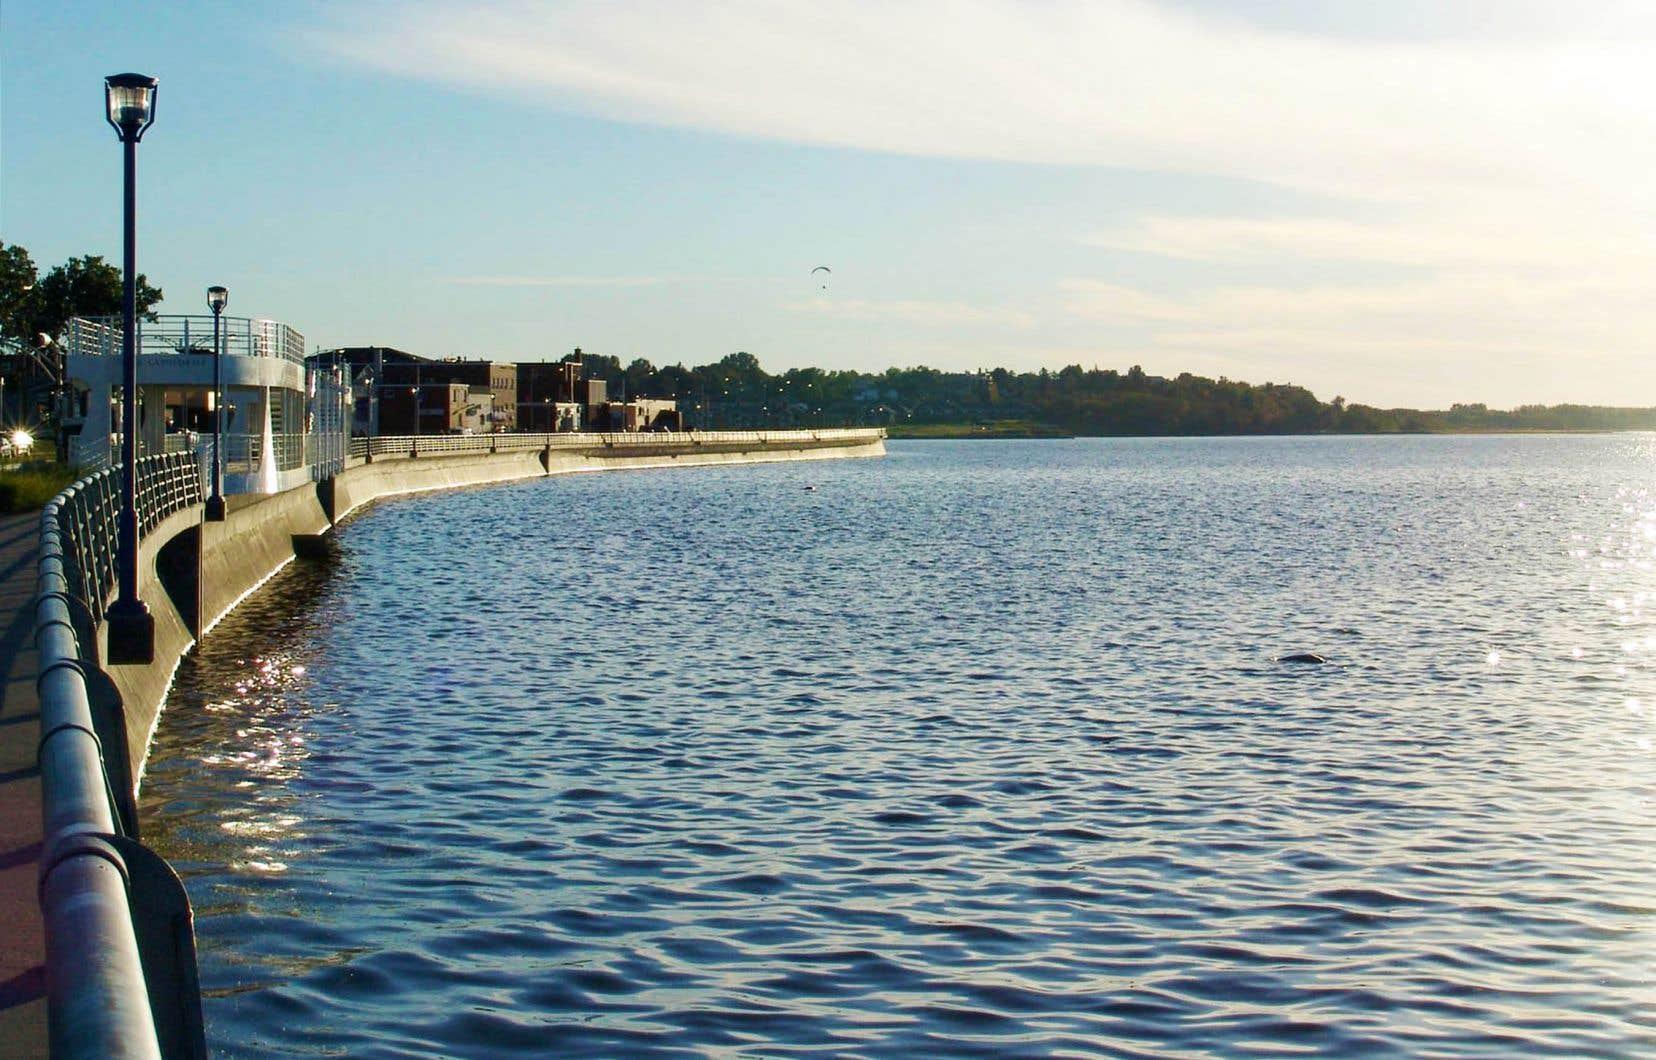 Rimouski peut tirer profit de l'attrait des gens pour le plein air et de sa proximité avec le fleuve. La municipalité est sur le point de franchir la barre des 50 000 habitants.